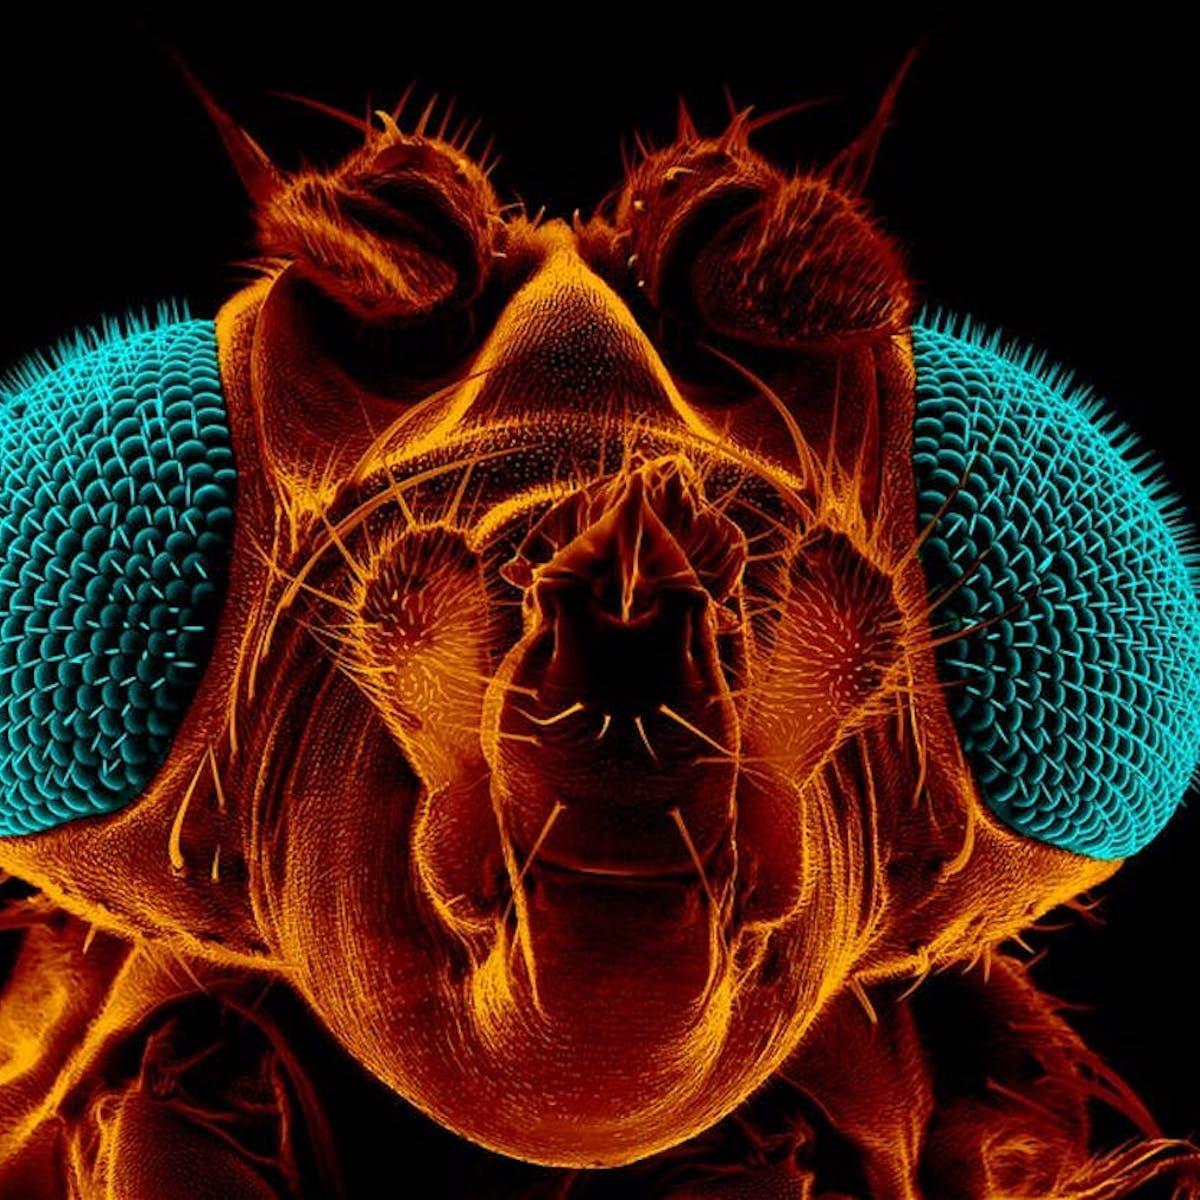 Comment Éloigner Les Mouches À L Extérieur comment tuer les mouches à fruit, selon un scientifique